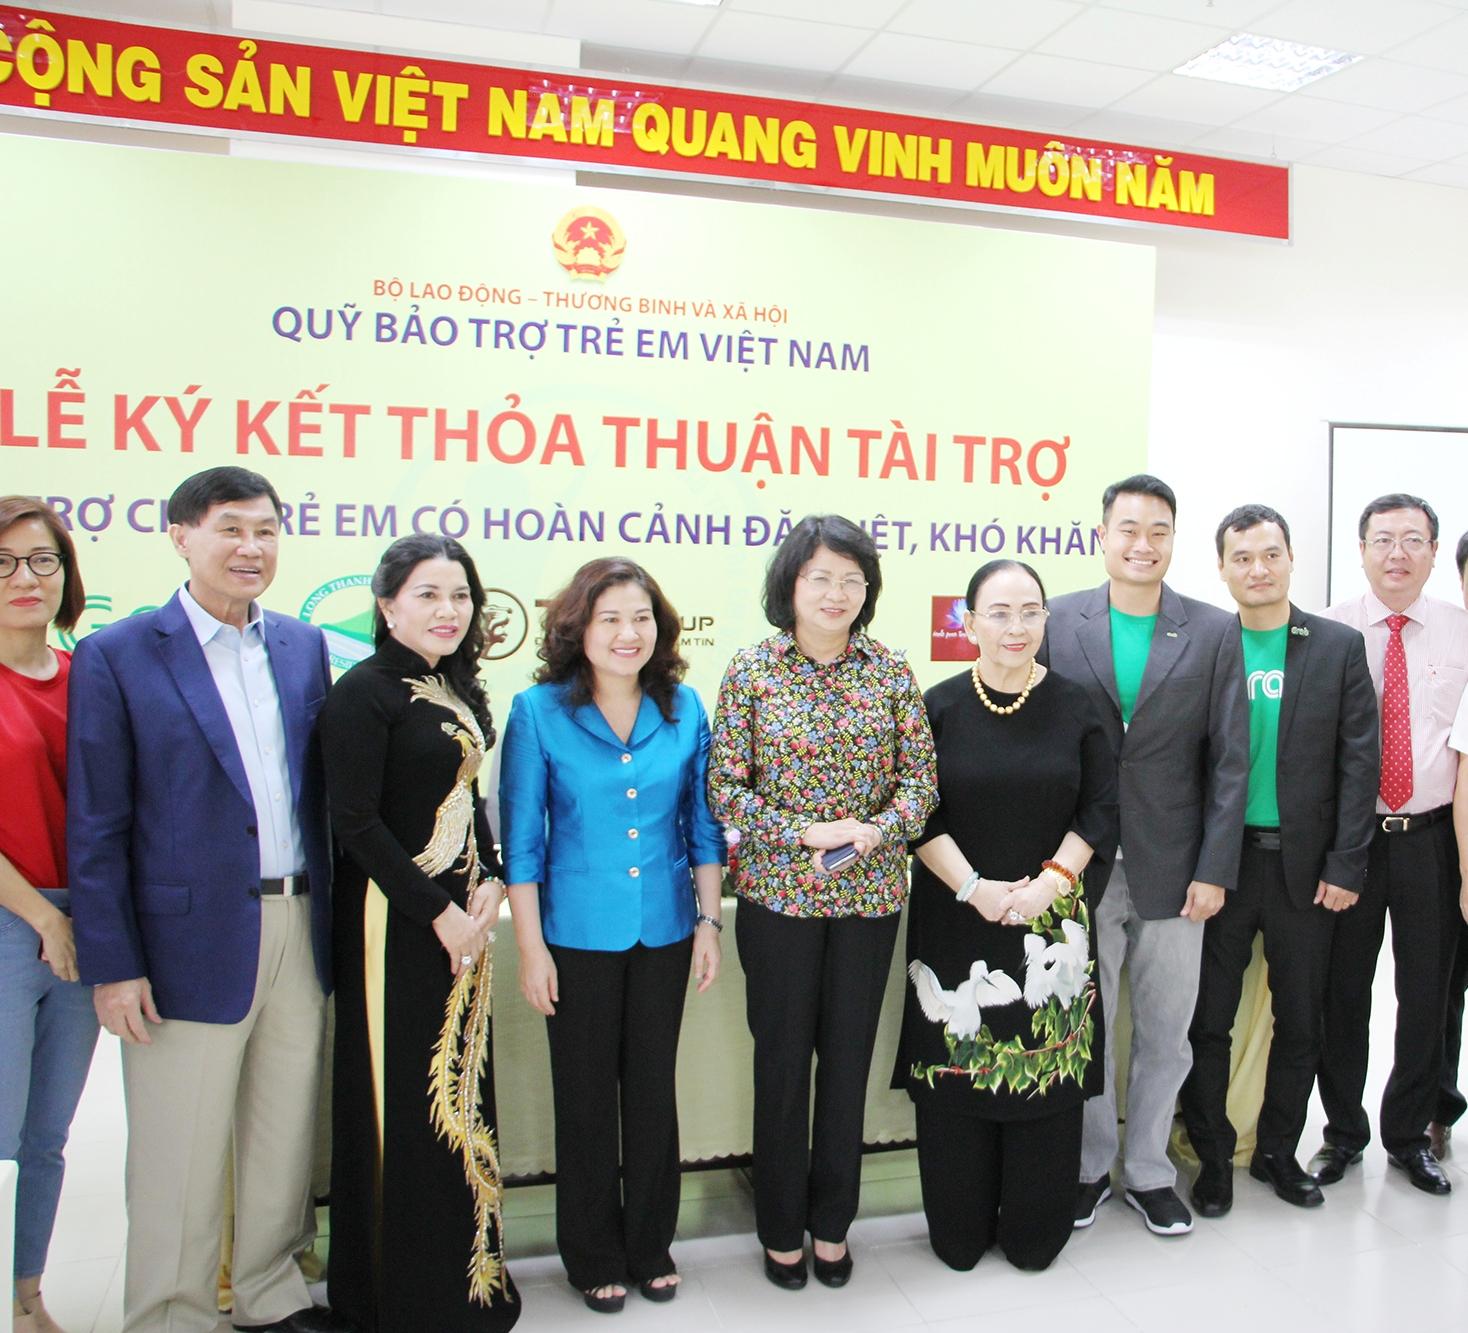 Bà Nguyễn Thị Ngọc Thịnh và đại diện các doanh nghiệp đồng hành cùng Giải bóng đá trẻ em có hoàn cảnh khó khăn